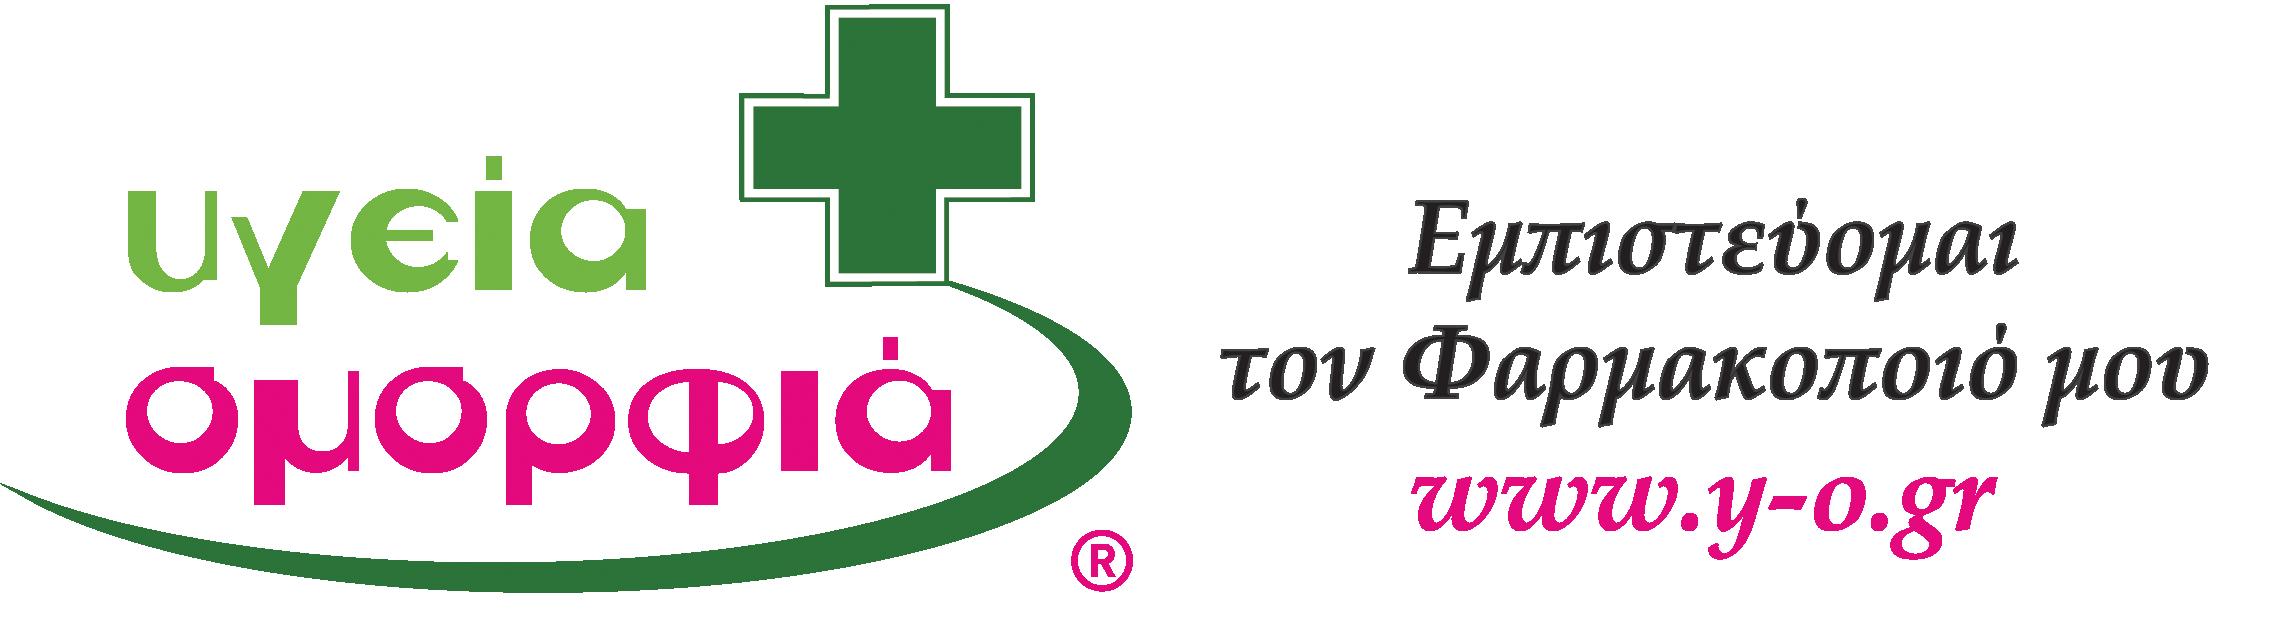 031c3c0c9adc Αγγελίες - Pharmacy Management